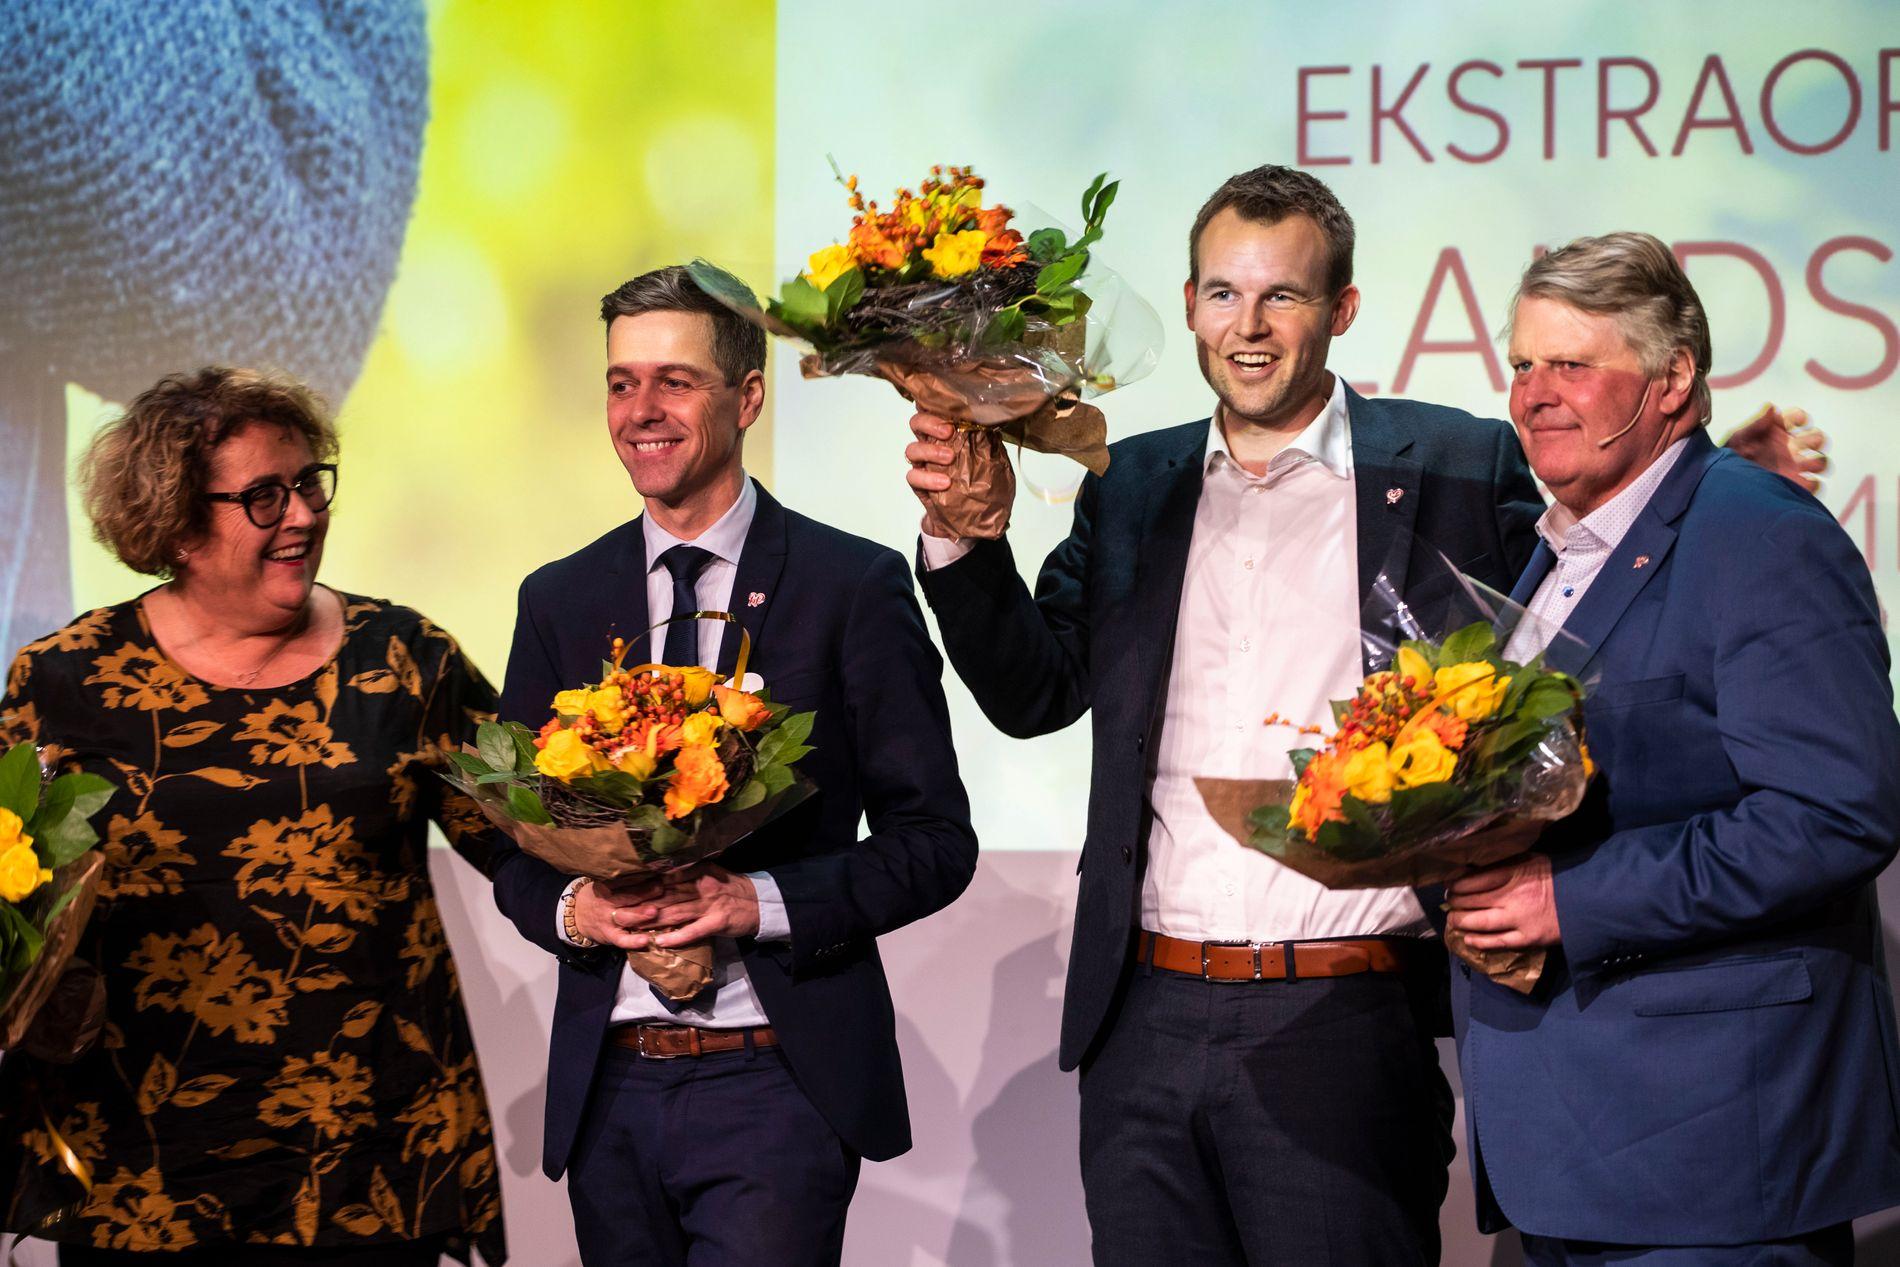 FIRE NYANSER AV KRF: Førstenestleder Olaug Bollestad, partileder Knut Arild Hareide, andrenestleder Kjell Ingolf Ropstad og Hans Fredrik Grøvan.